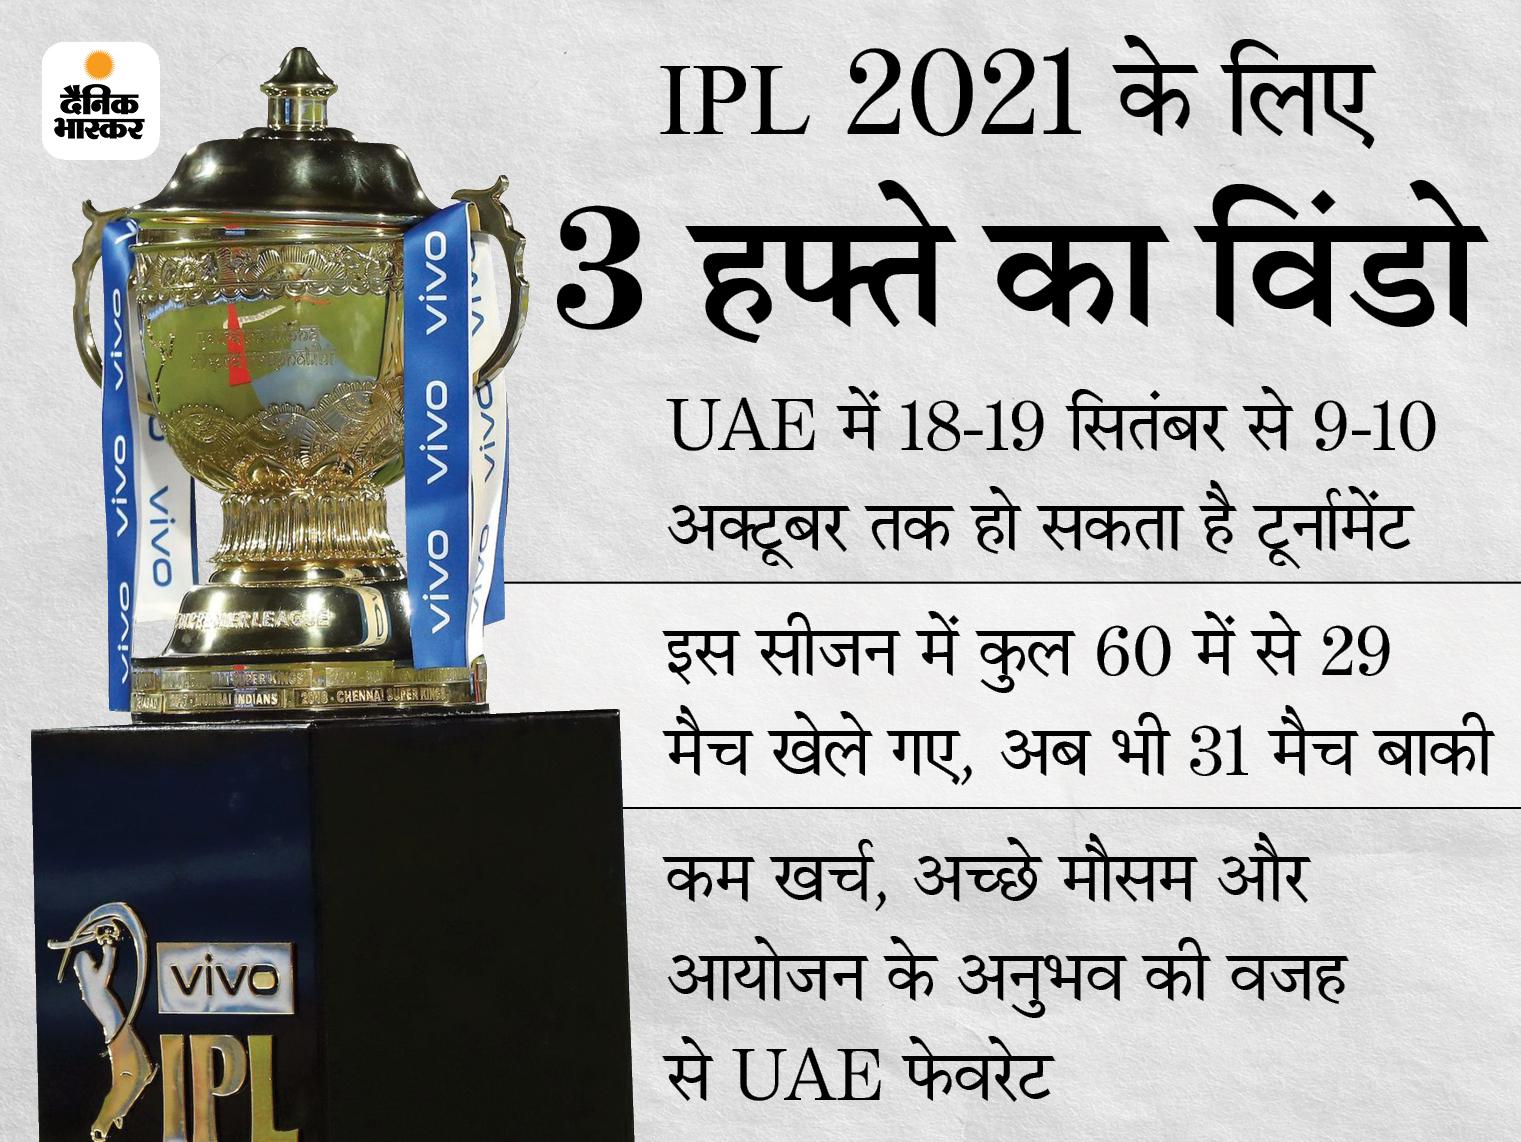 19 सितंबर से शुरू हो सकता है टूर्नामेंट, 10 अक्टूबर को फाइनल; 31 मैचों के लिए 10 डबल हेडर मुकाबले खेले जाएंगे IPL 2021,IPL 2021 - Dainik Bhaskar